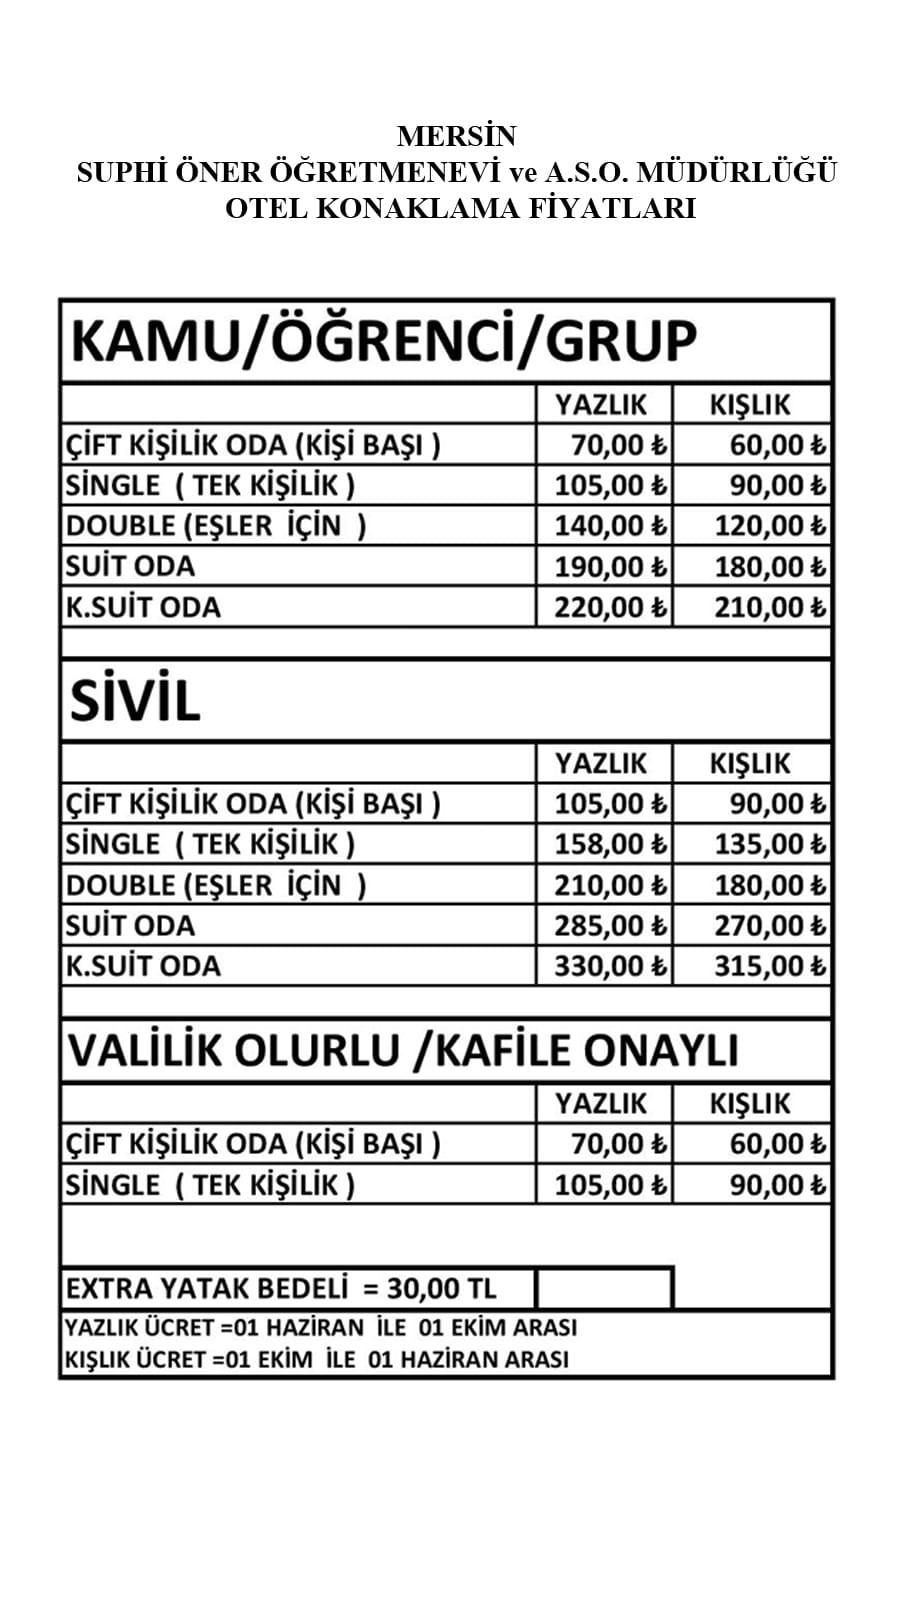 suphi oner ogretmenevi fiyatlari otel fiyatlari mersin yenisehir